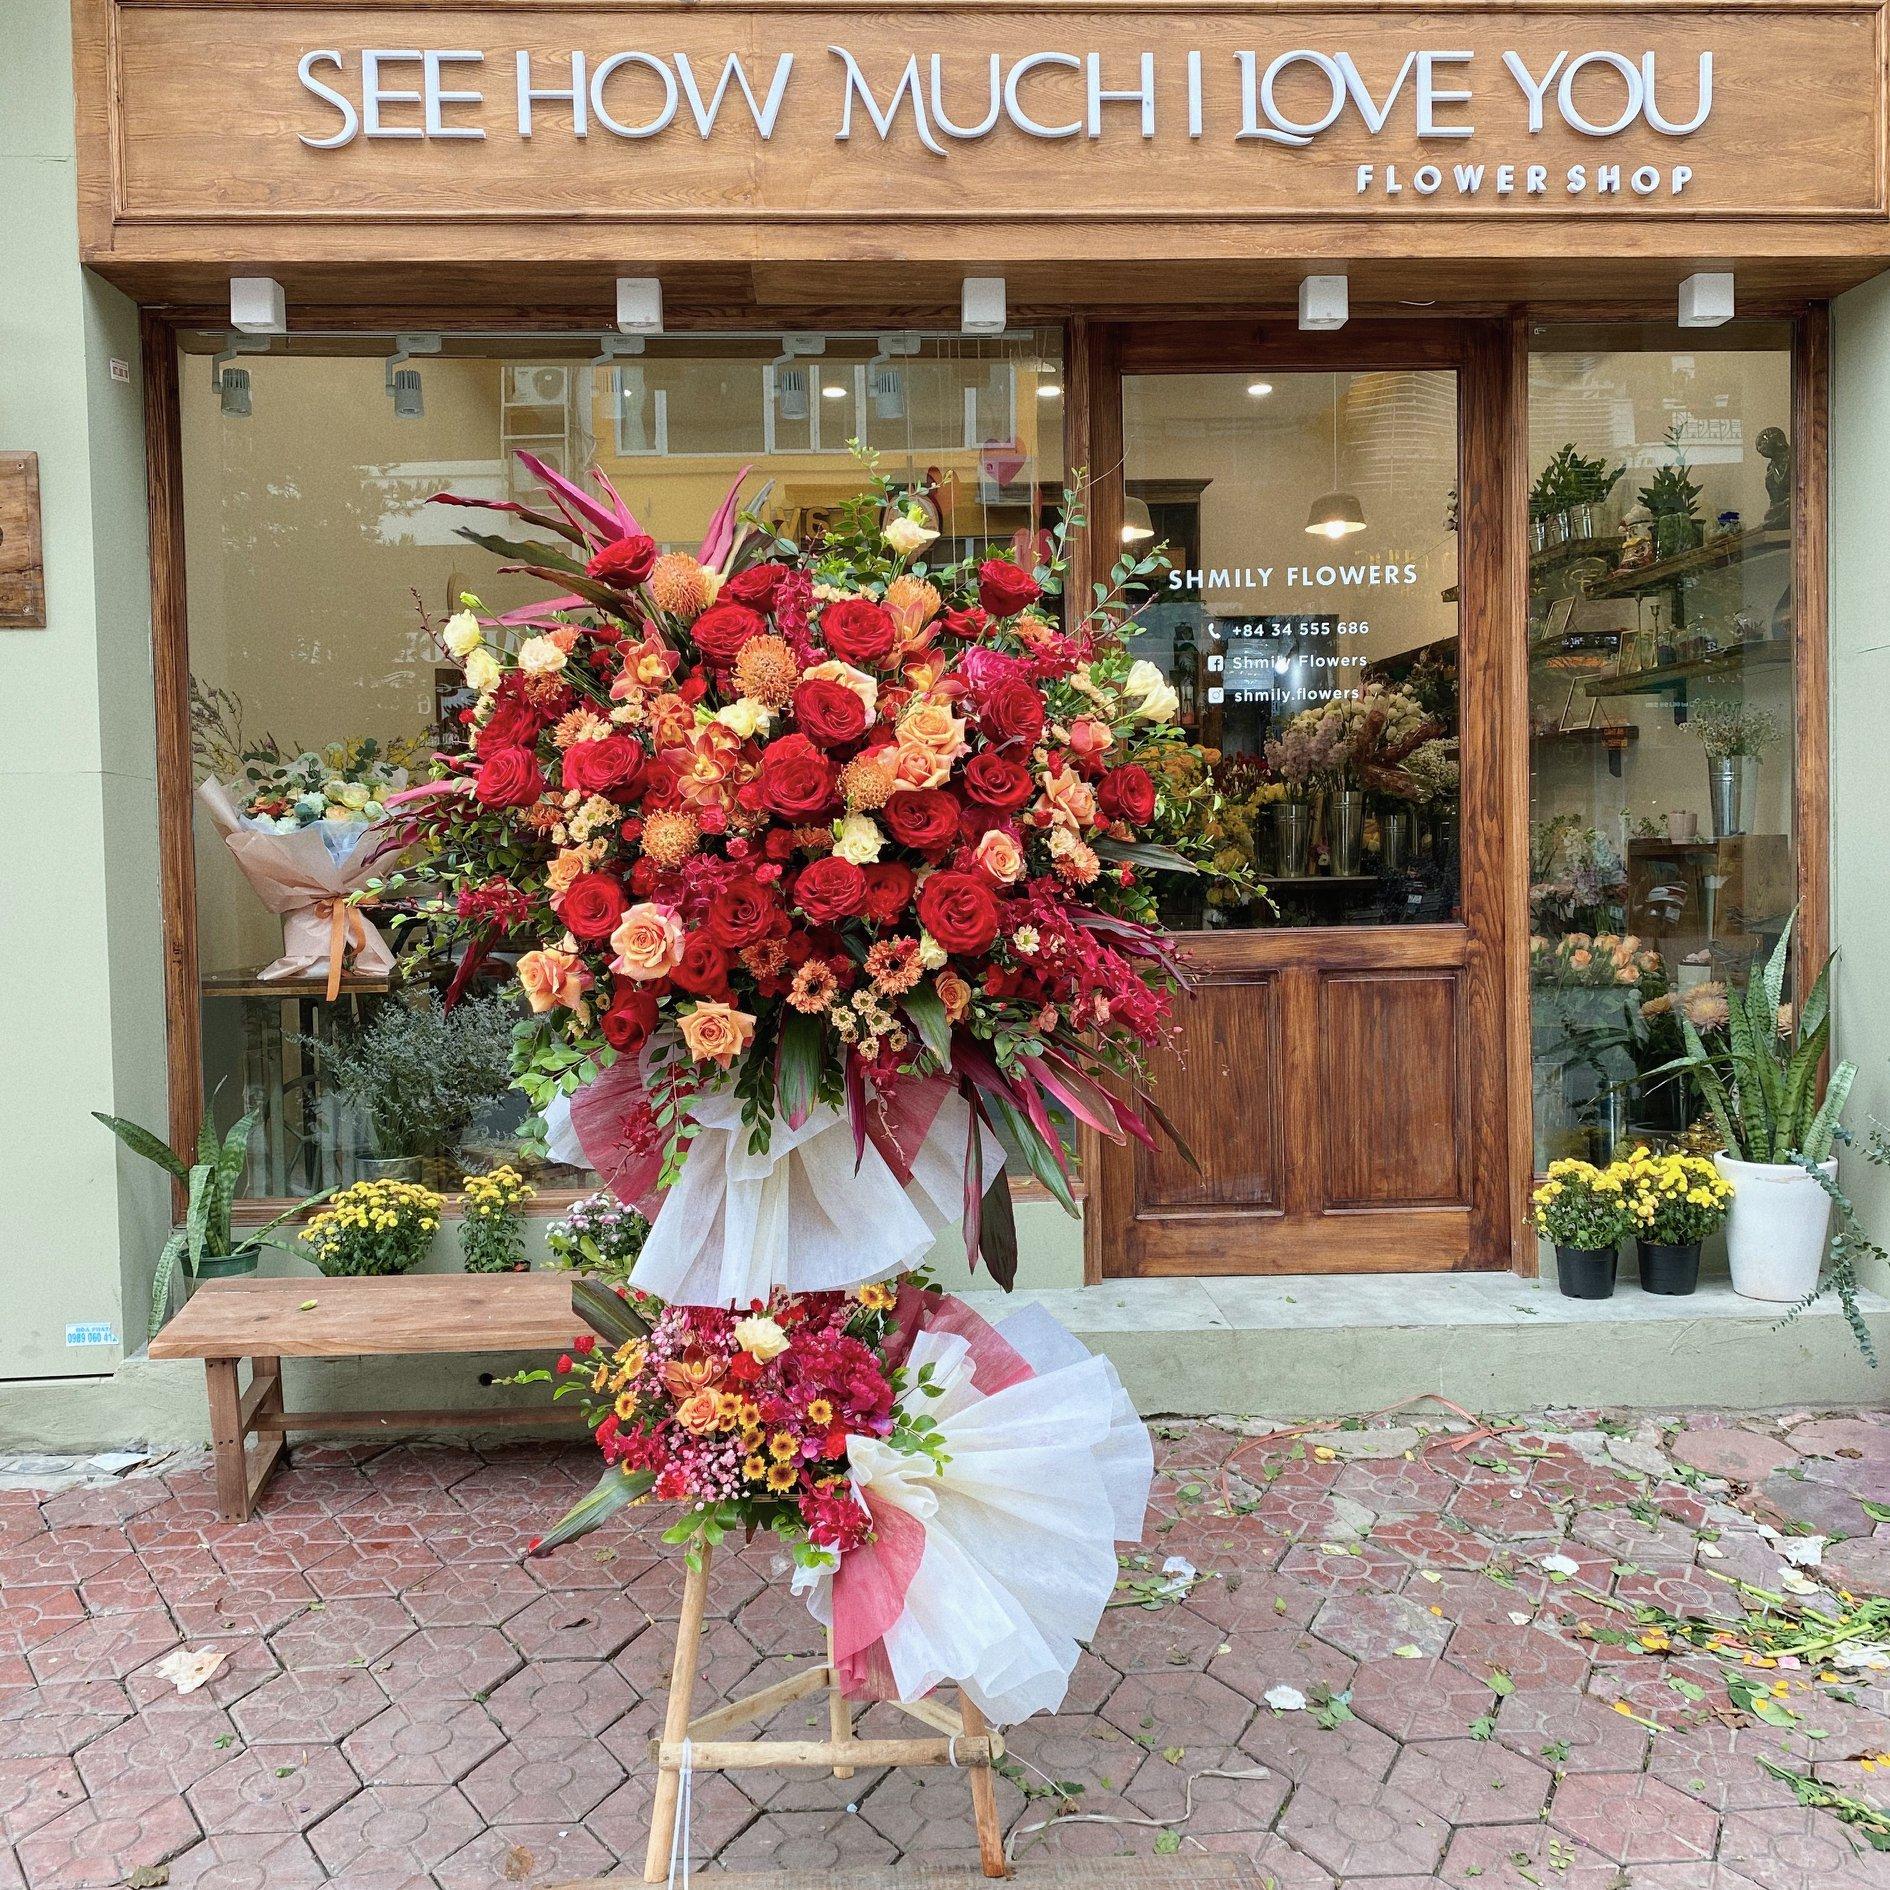 Tham khảo các mẫu lẵng hoa đẹp ngày 8/3 dành tặng phái nữ  - Ảnh 18.